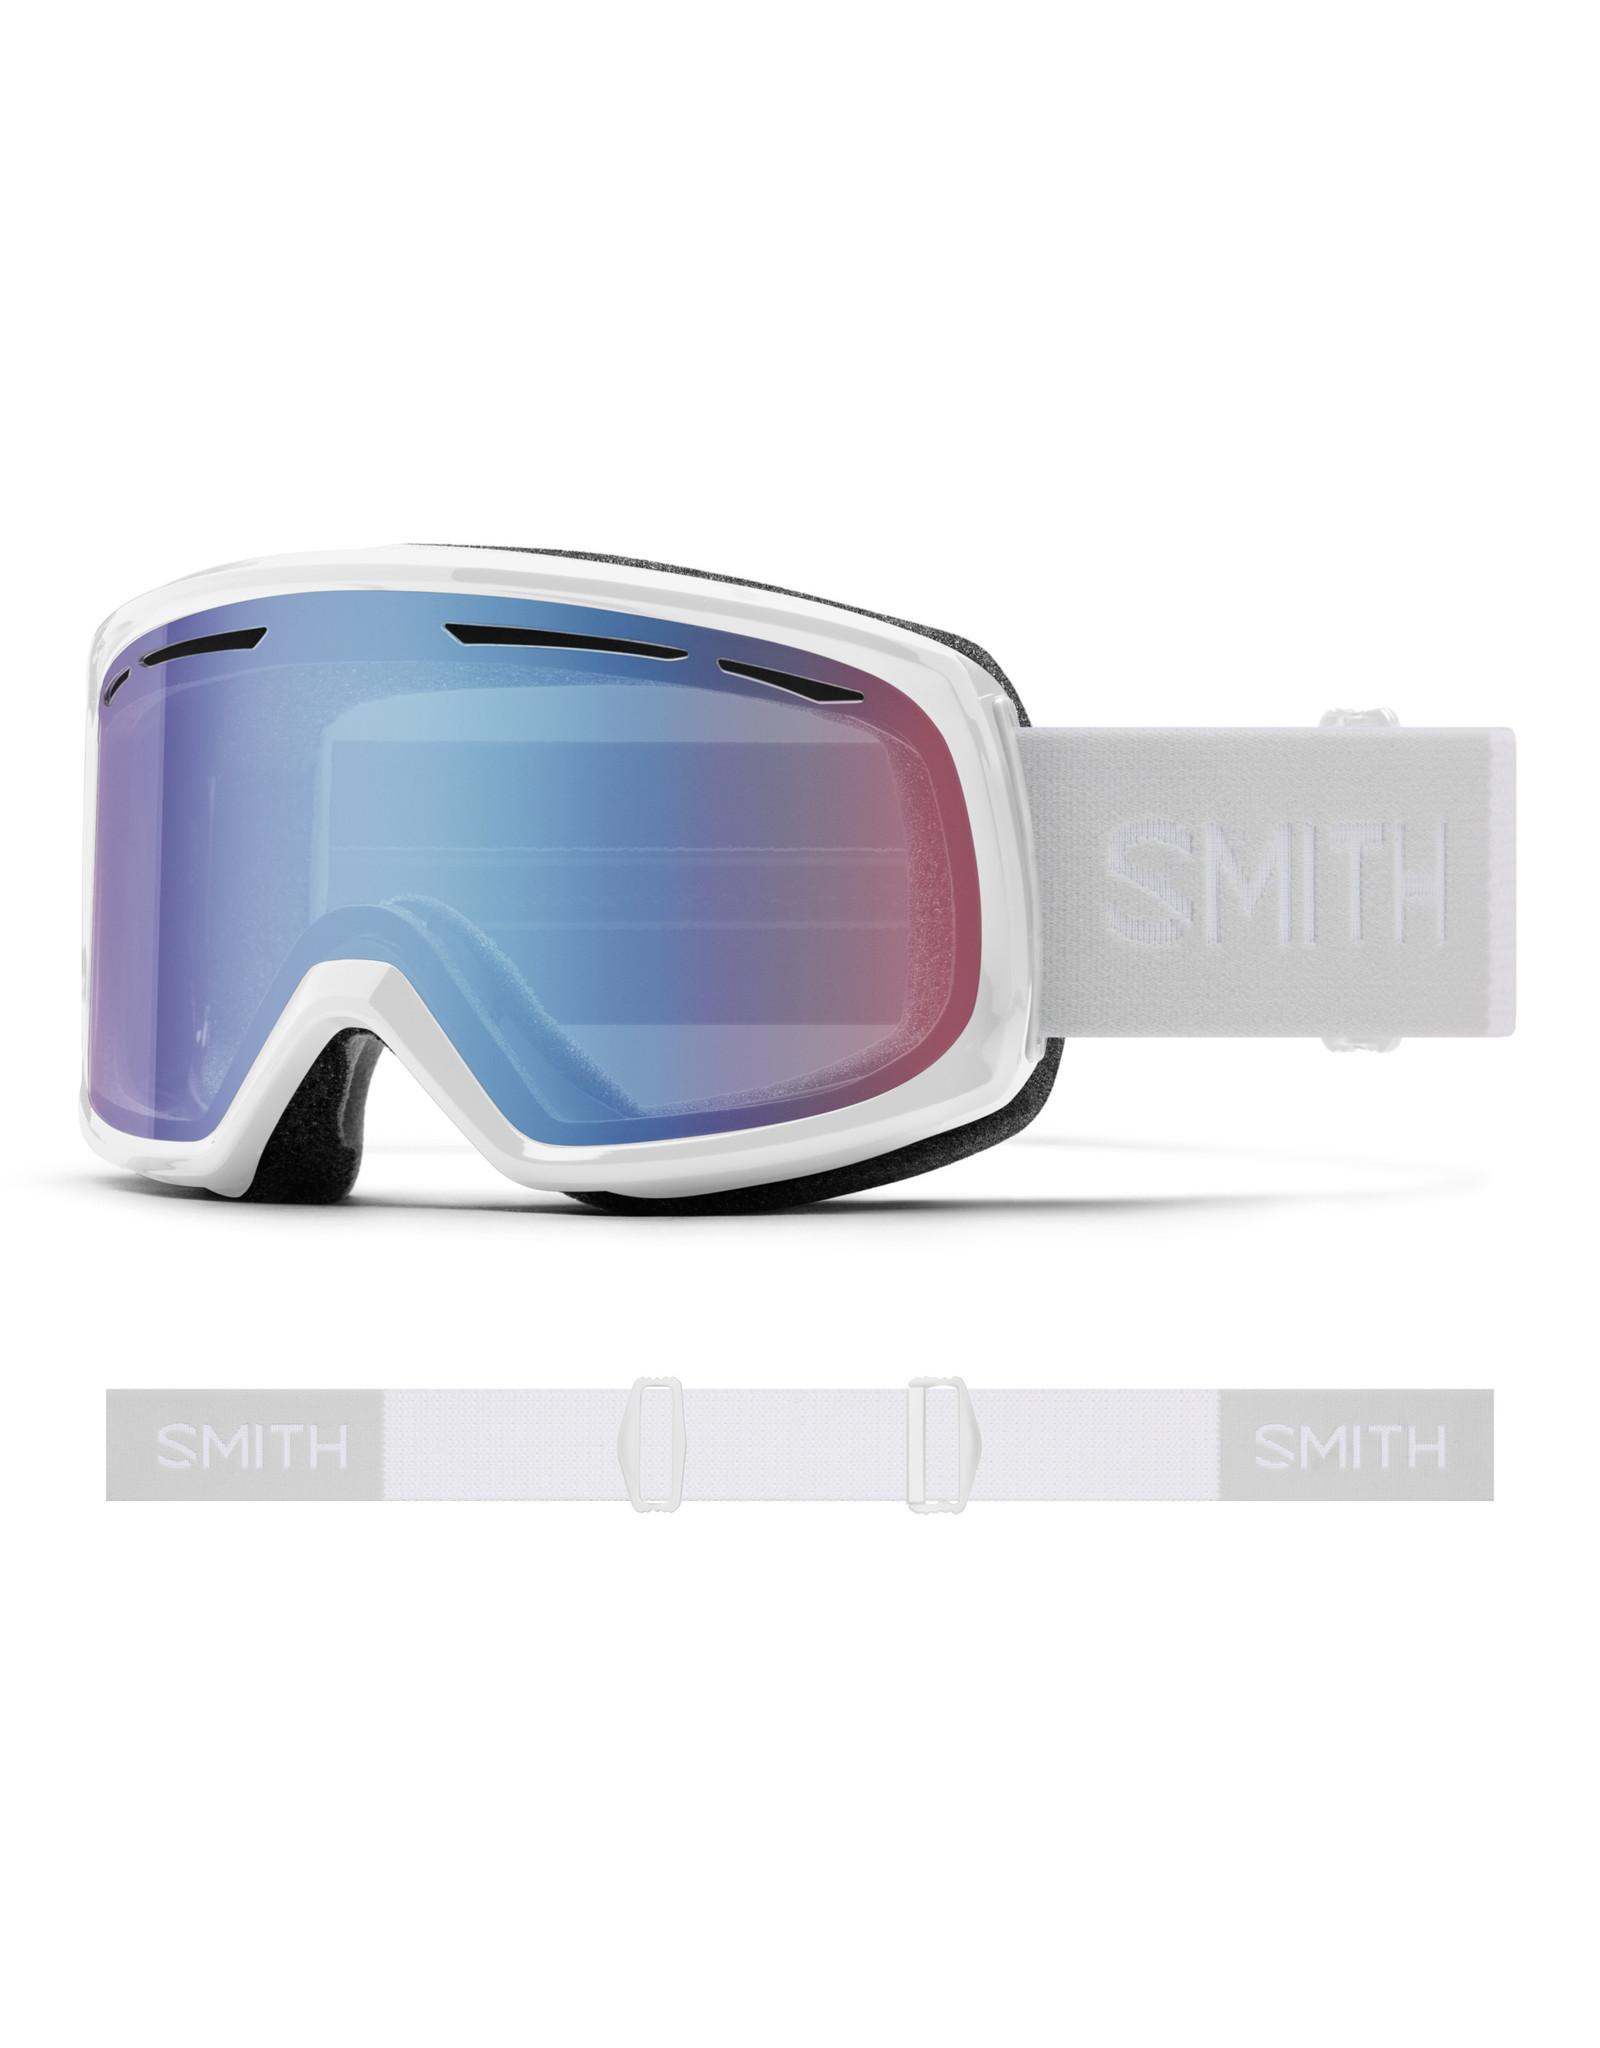 Smith SMITH DRIFT WHITE 20 LUNETTES DE SKI